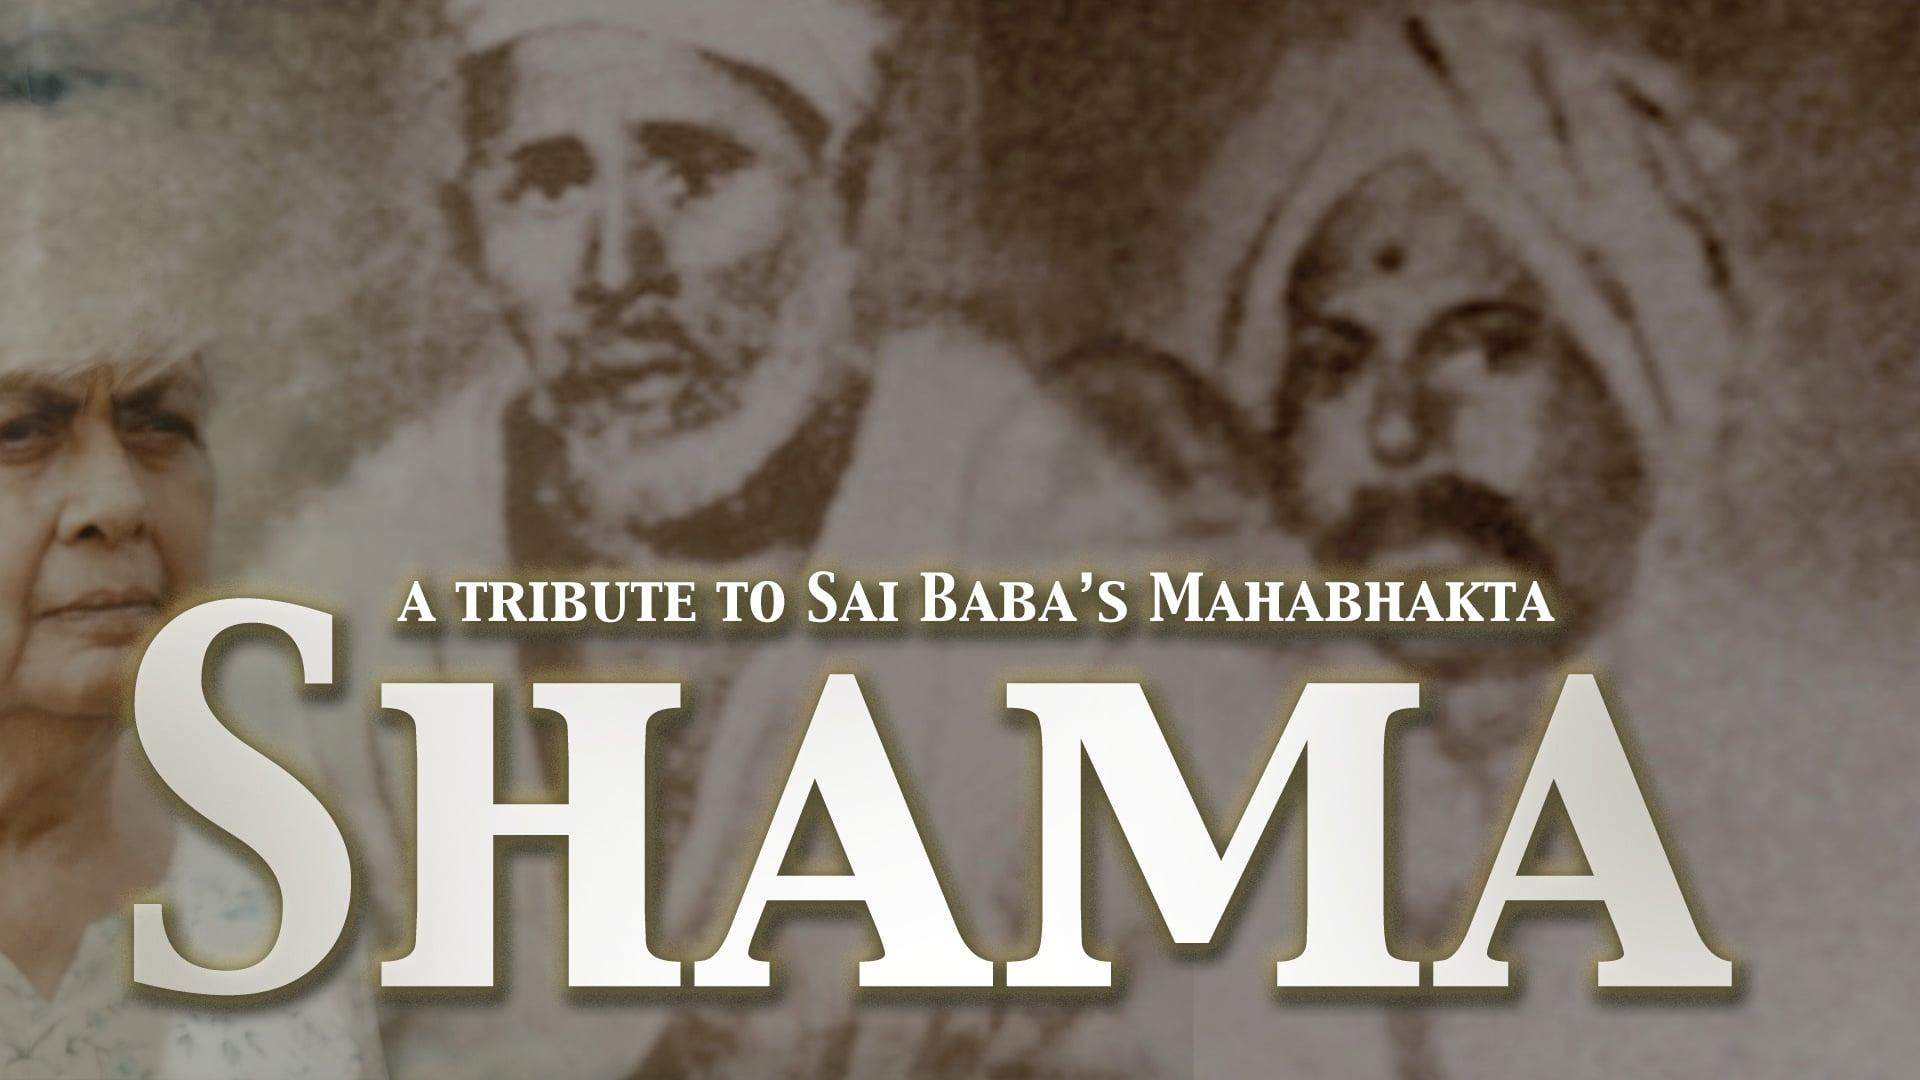 A tribute to Sai Baba's Mahabhakta - SHAMA